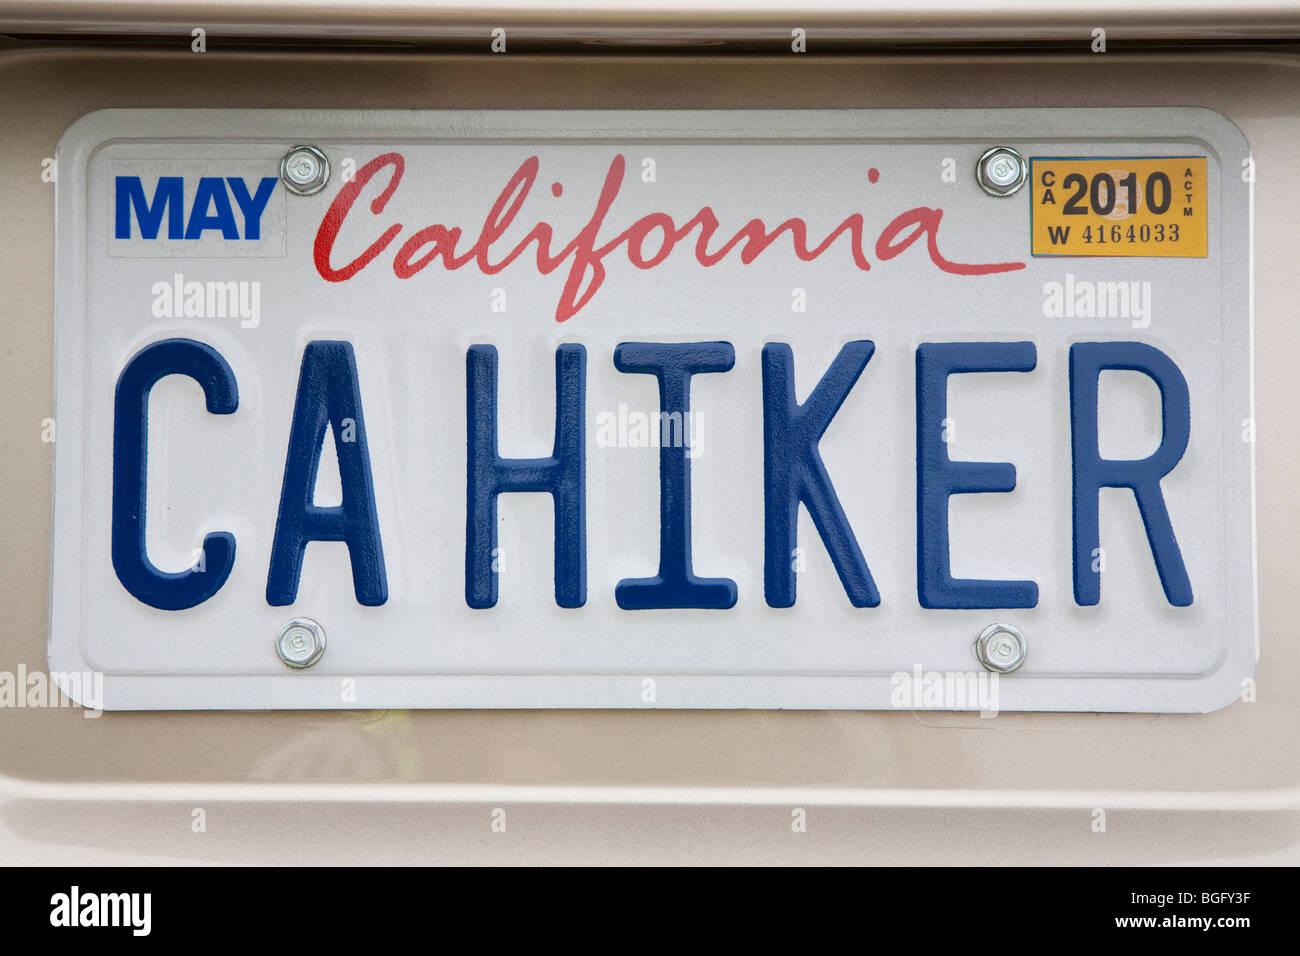 Cerca de excursionista 'CA' (California Excursionista) placa de matrícula personalizada en un coche Imagen De Stock